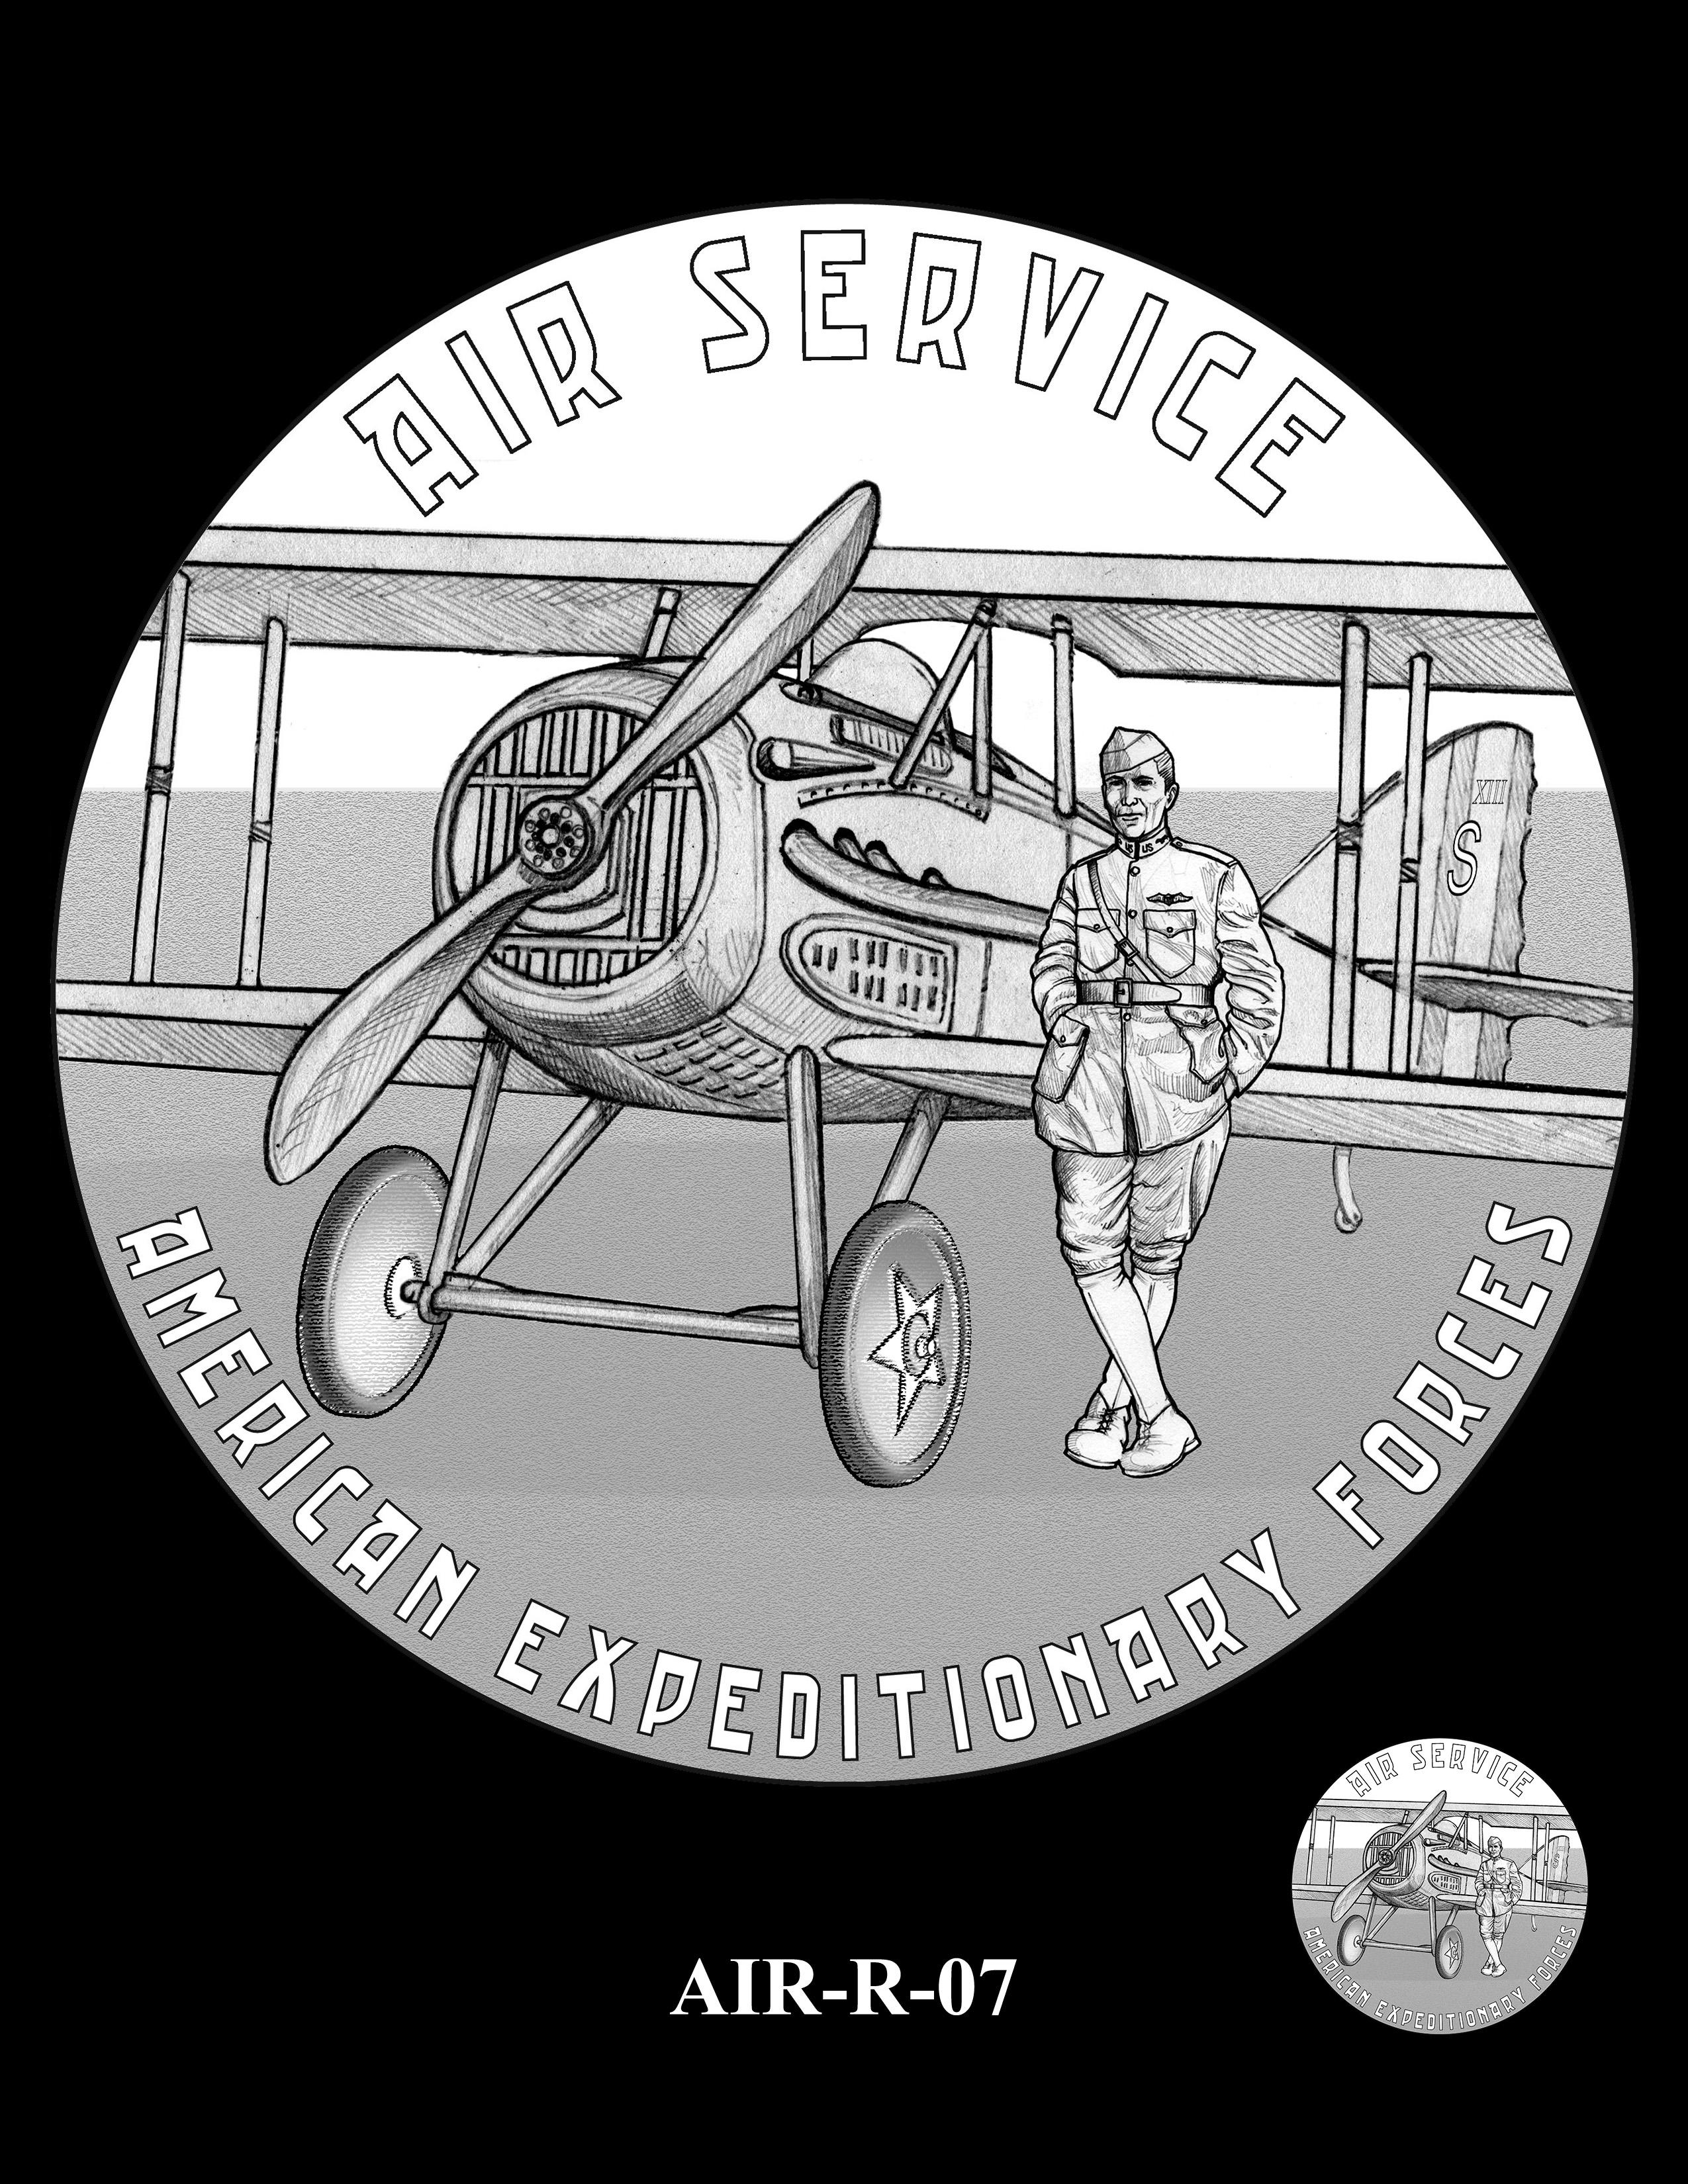 P1-AIR-R-07 -- 2018-World War I Silver Medals - Air Service